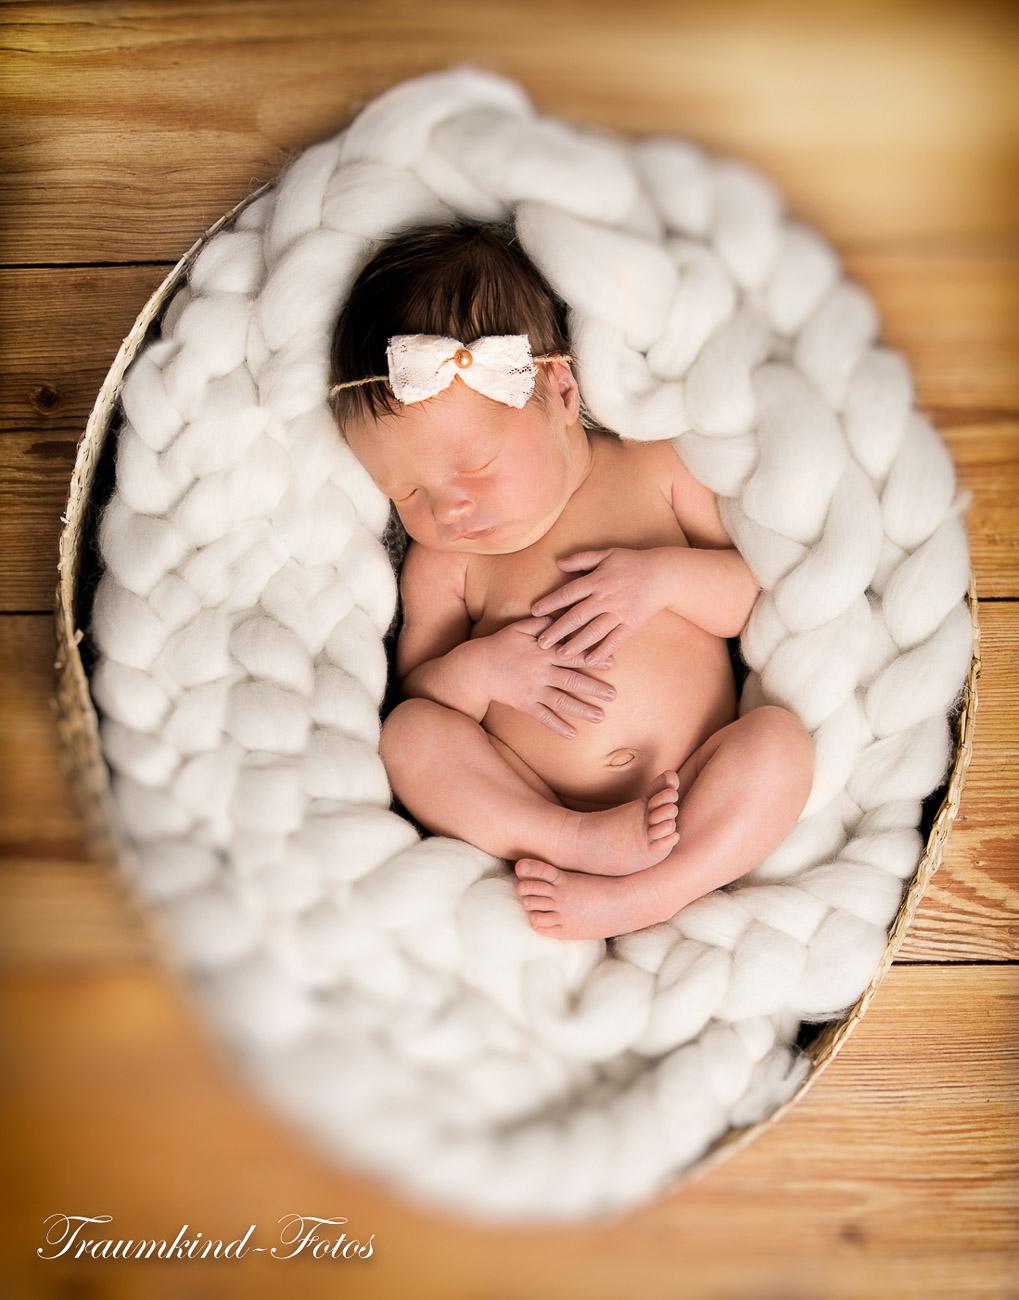 Traumkind Fotos Babyfotos Fotos Essen 11 - Babyfotos